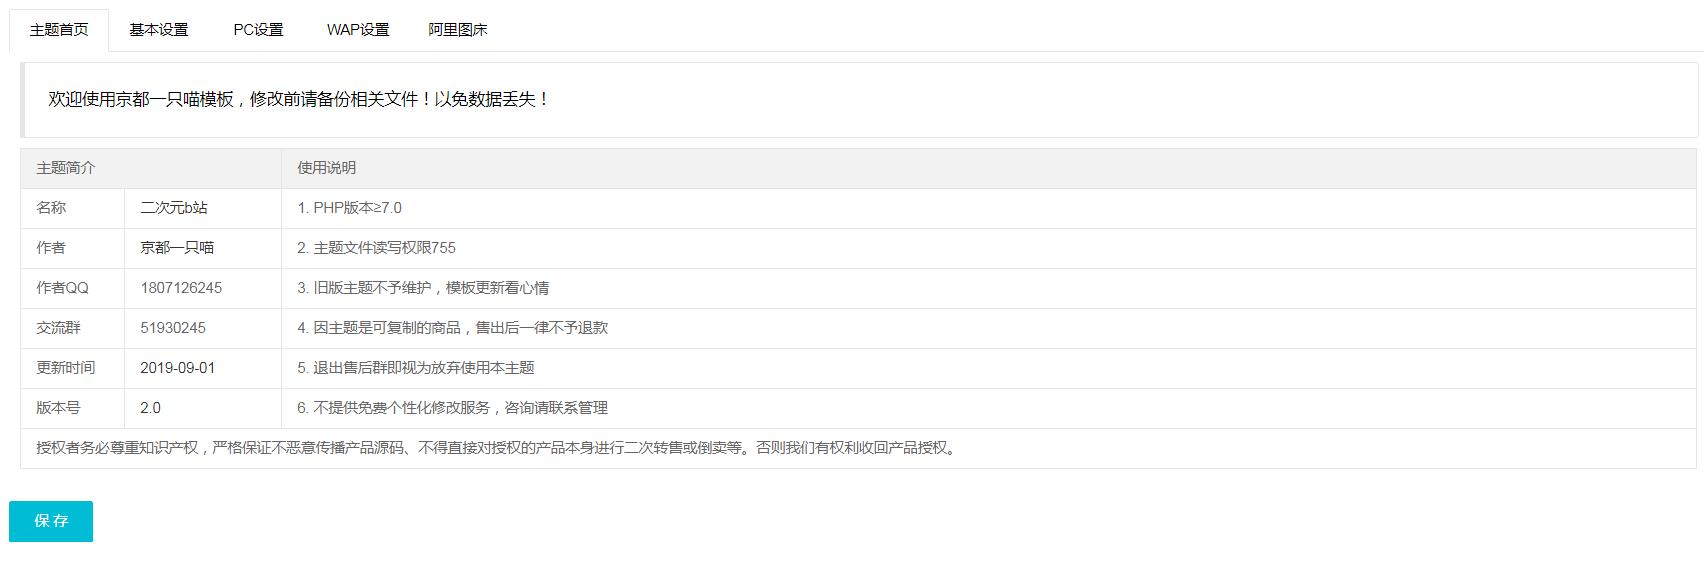 京东一只喵(仿B站PC端和移动端主题),苹果CMSv10主题模板完整修复版